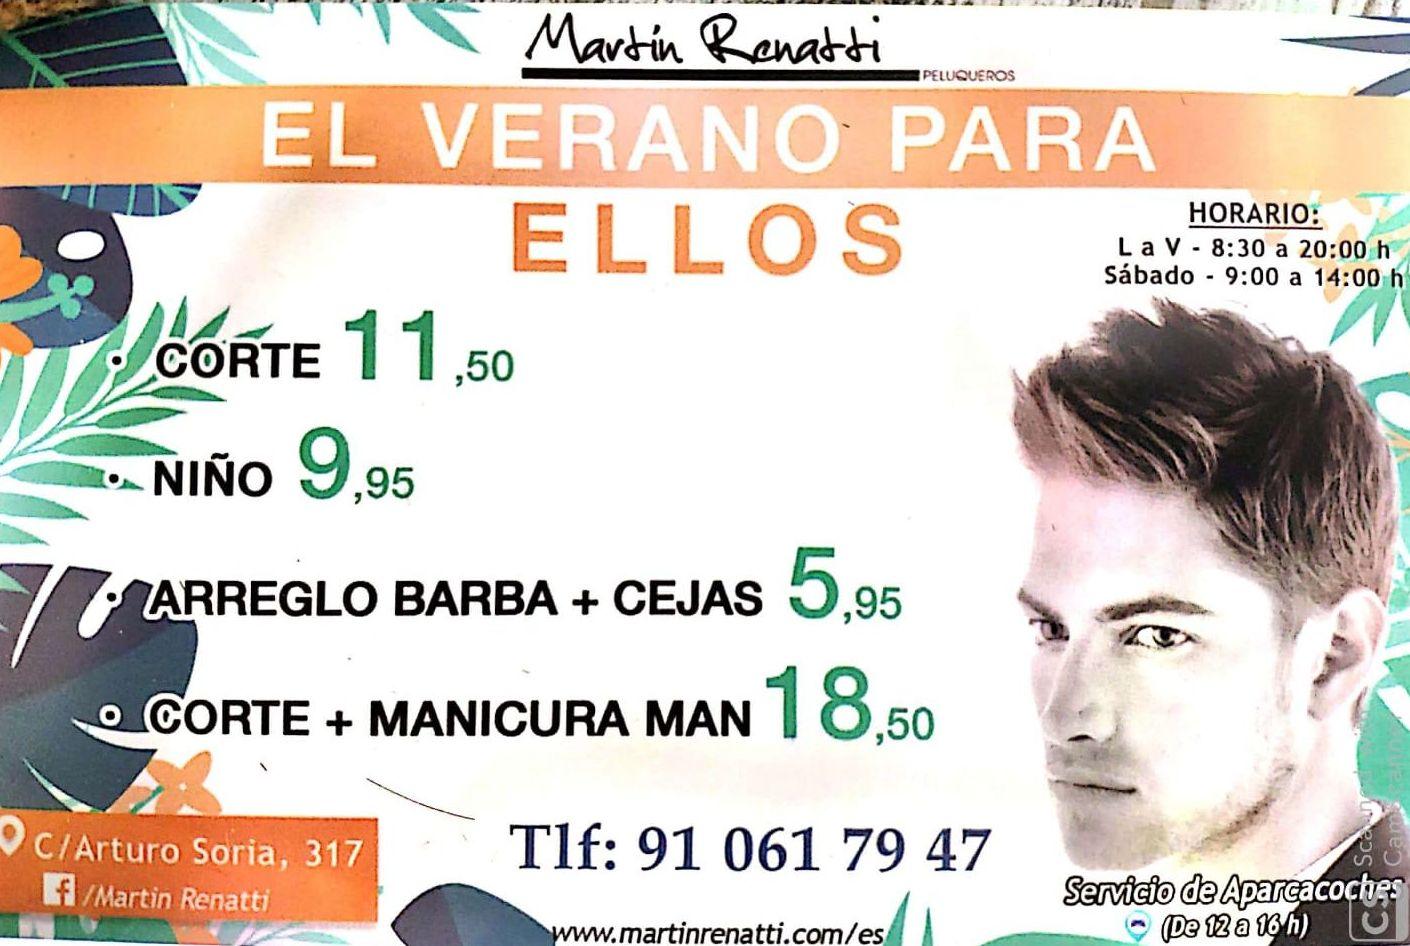 Verano para ELLOS: Servicios de Martín Renatti Peluqueros